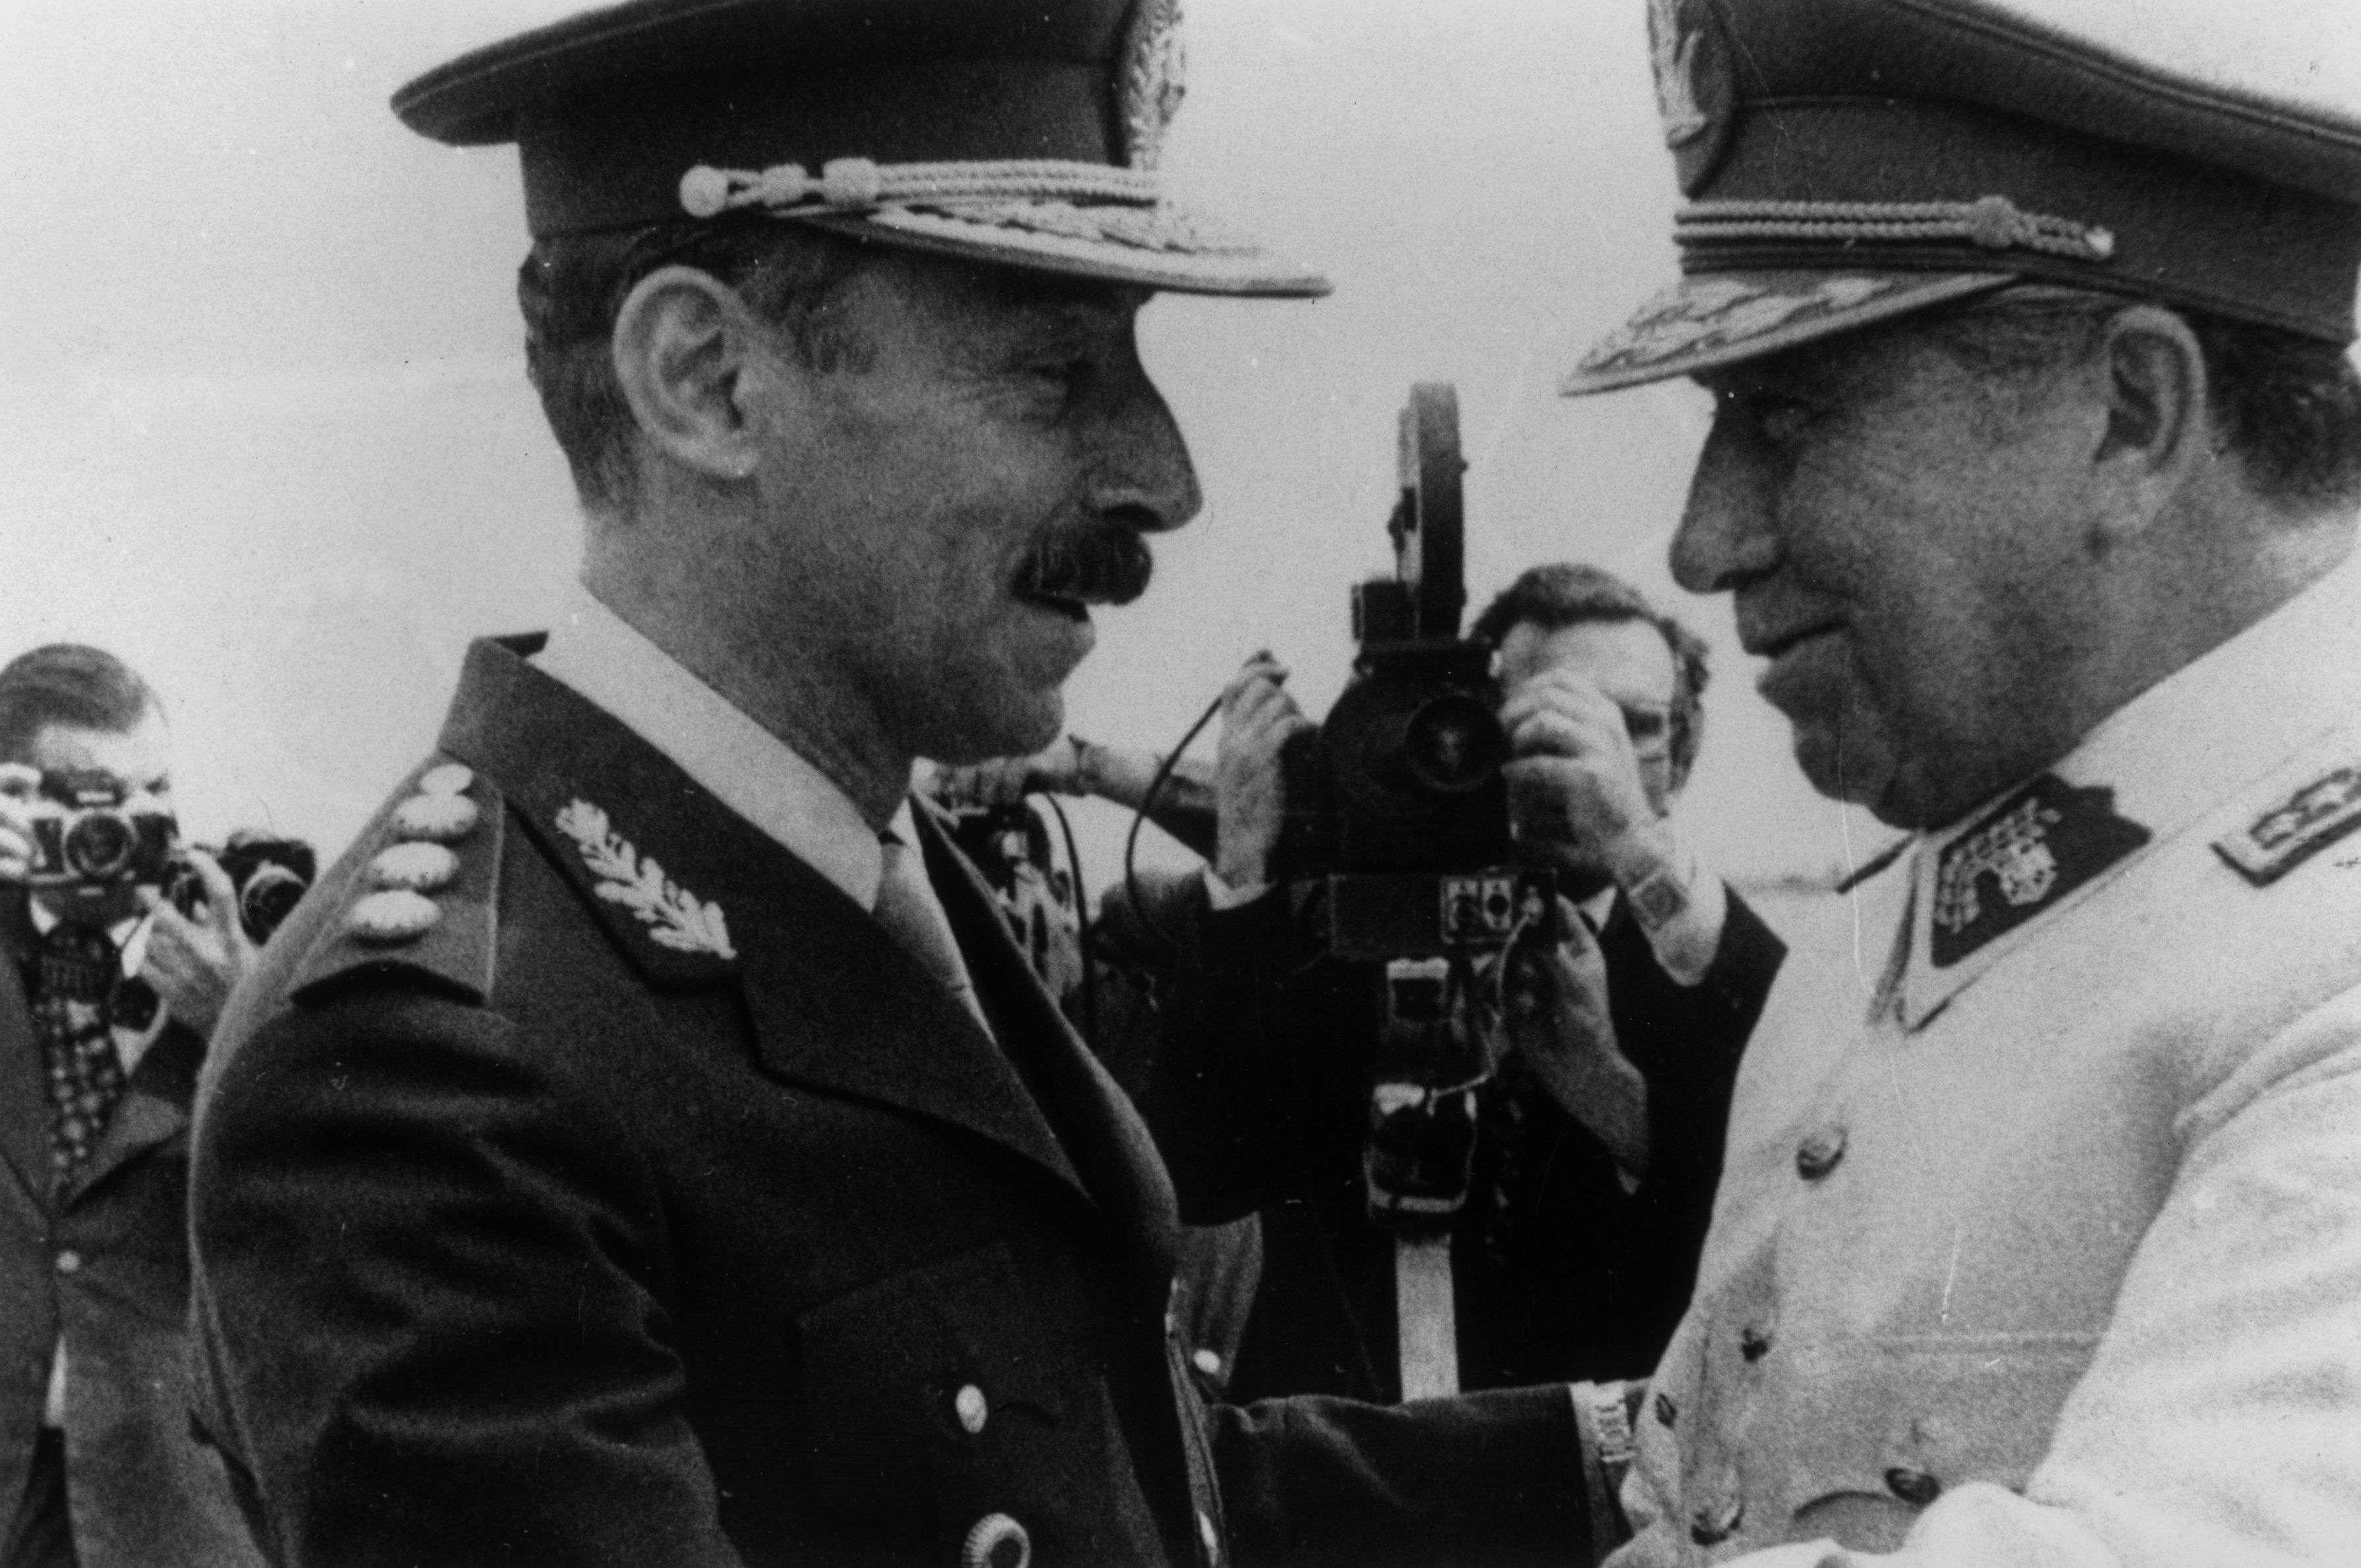 Dictadores en 1978: El chileno Augusto Pinochet (derecha) y el argentino Jorge Videla, en Mendoza, Argentina. Foto: Getty Images